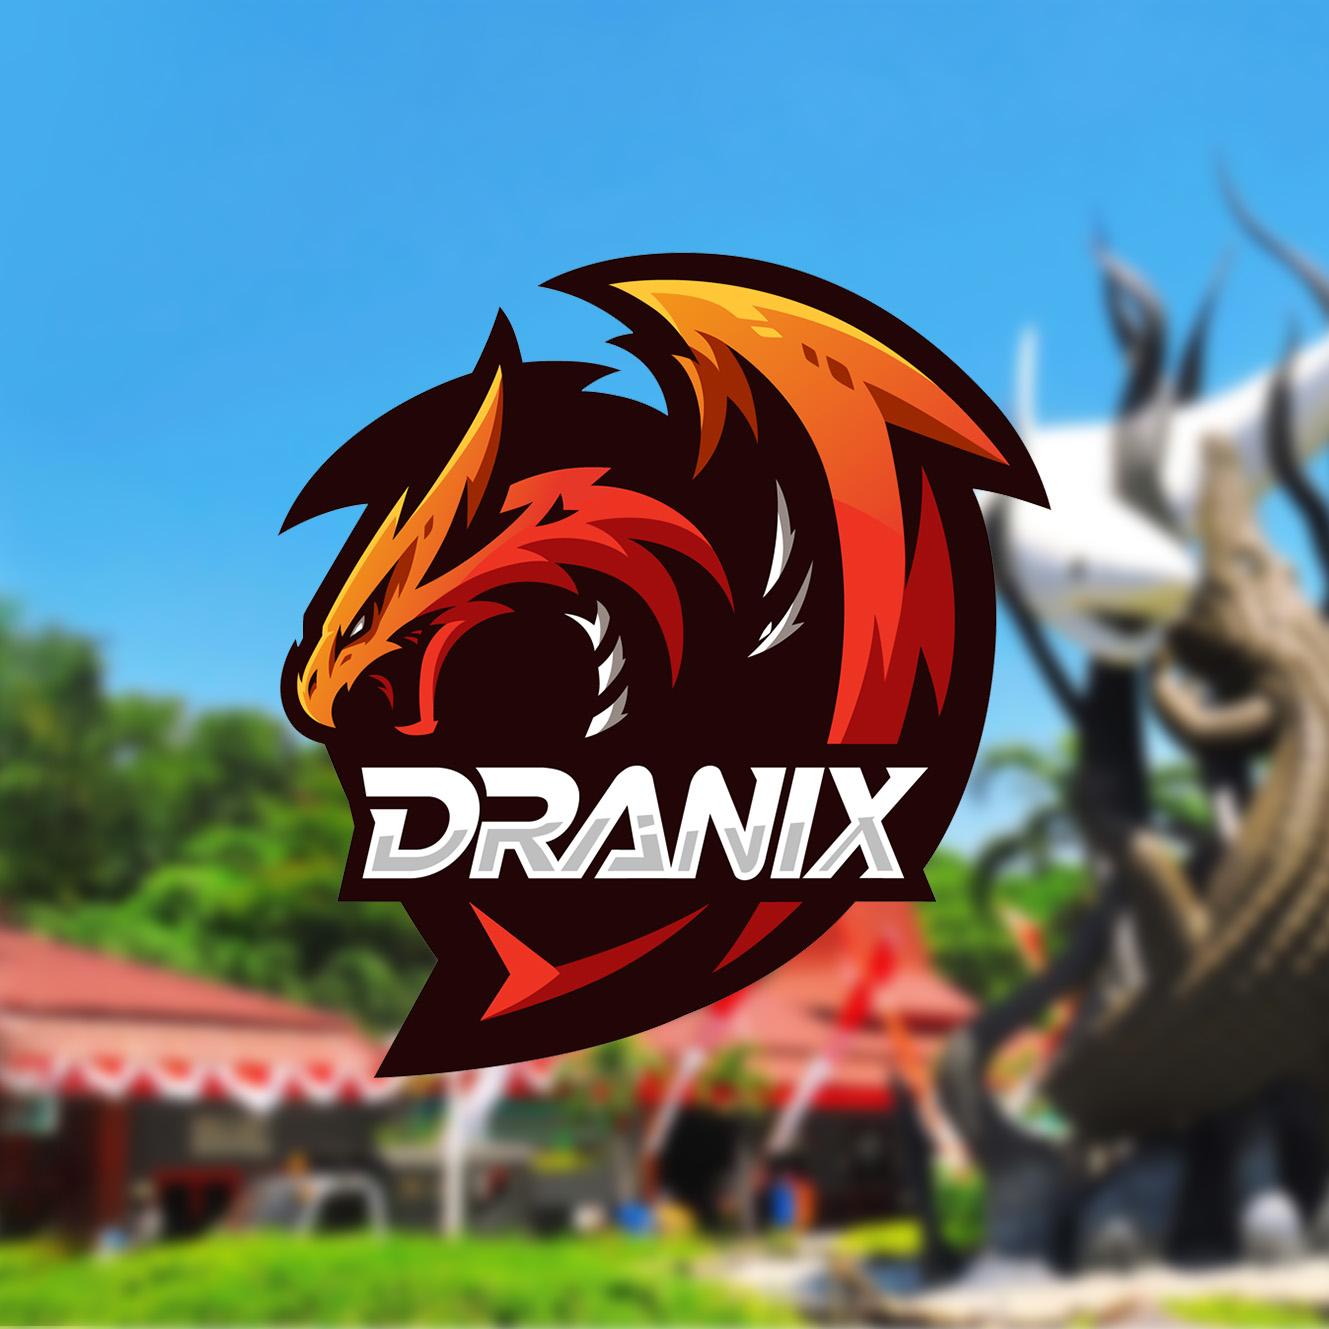 Berkenalan dengan Dranix Esports dan Ambisi di FFWS 2019